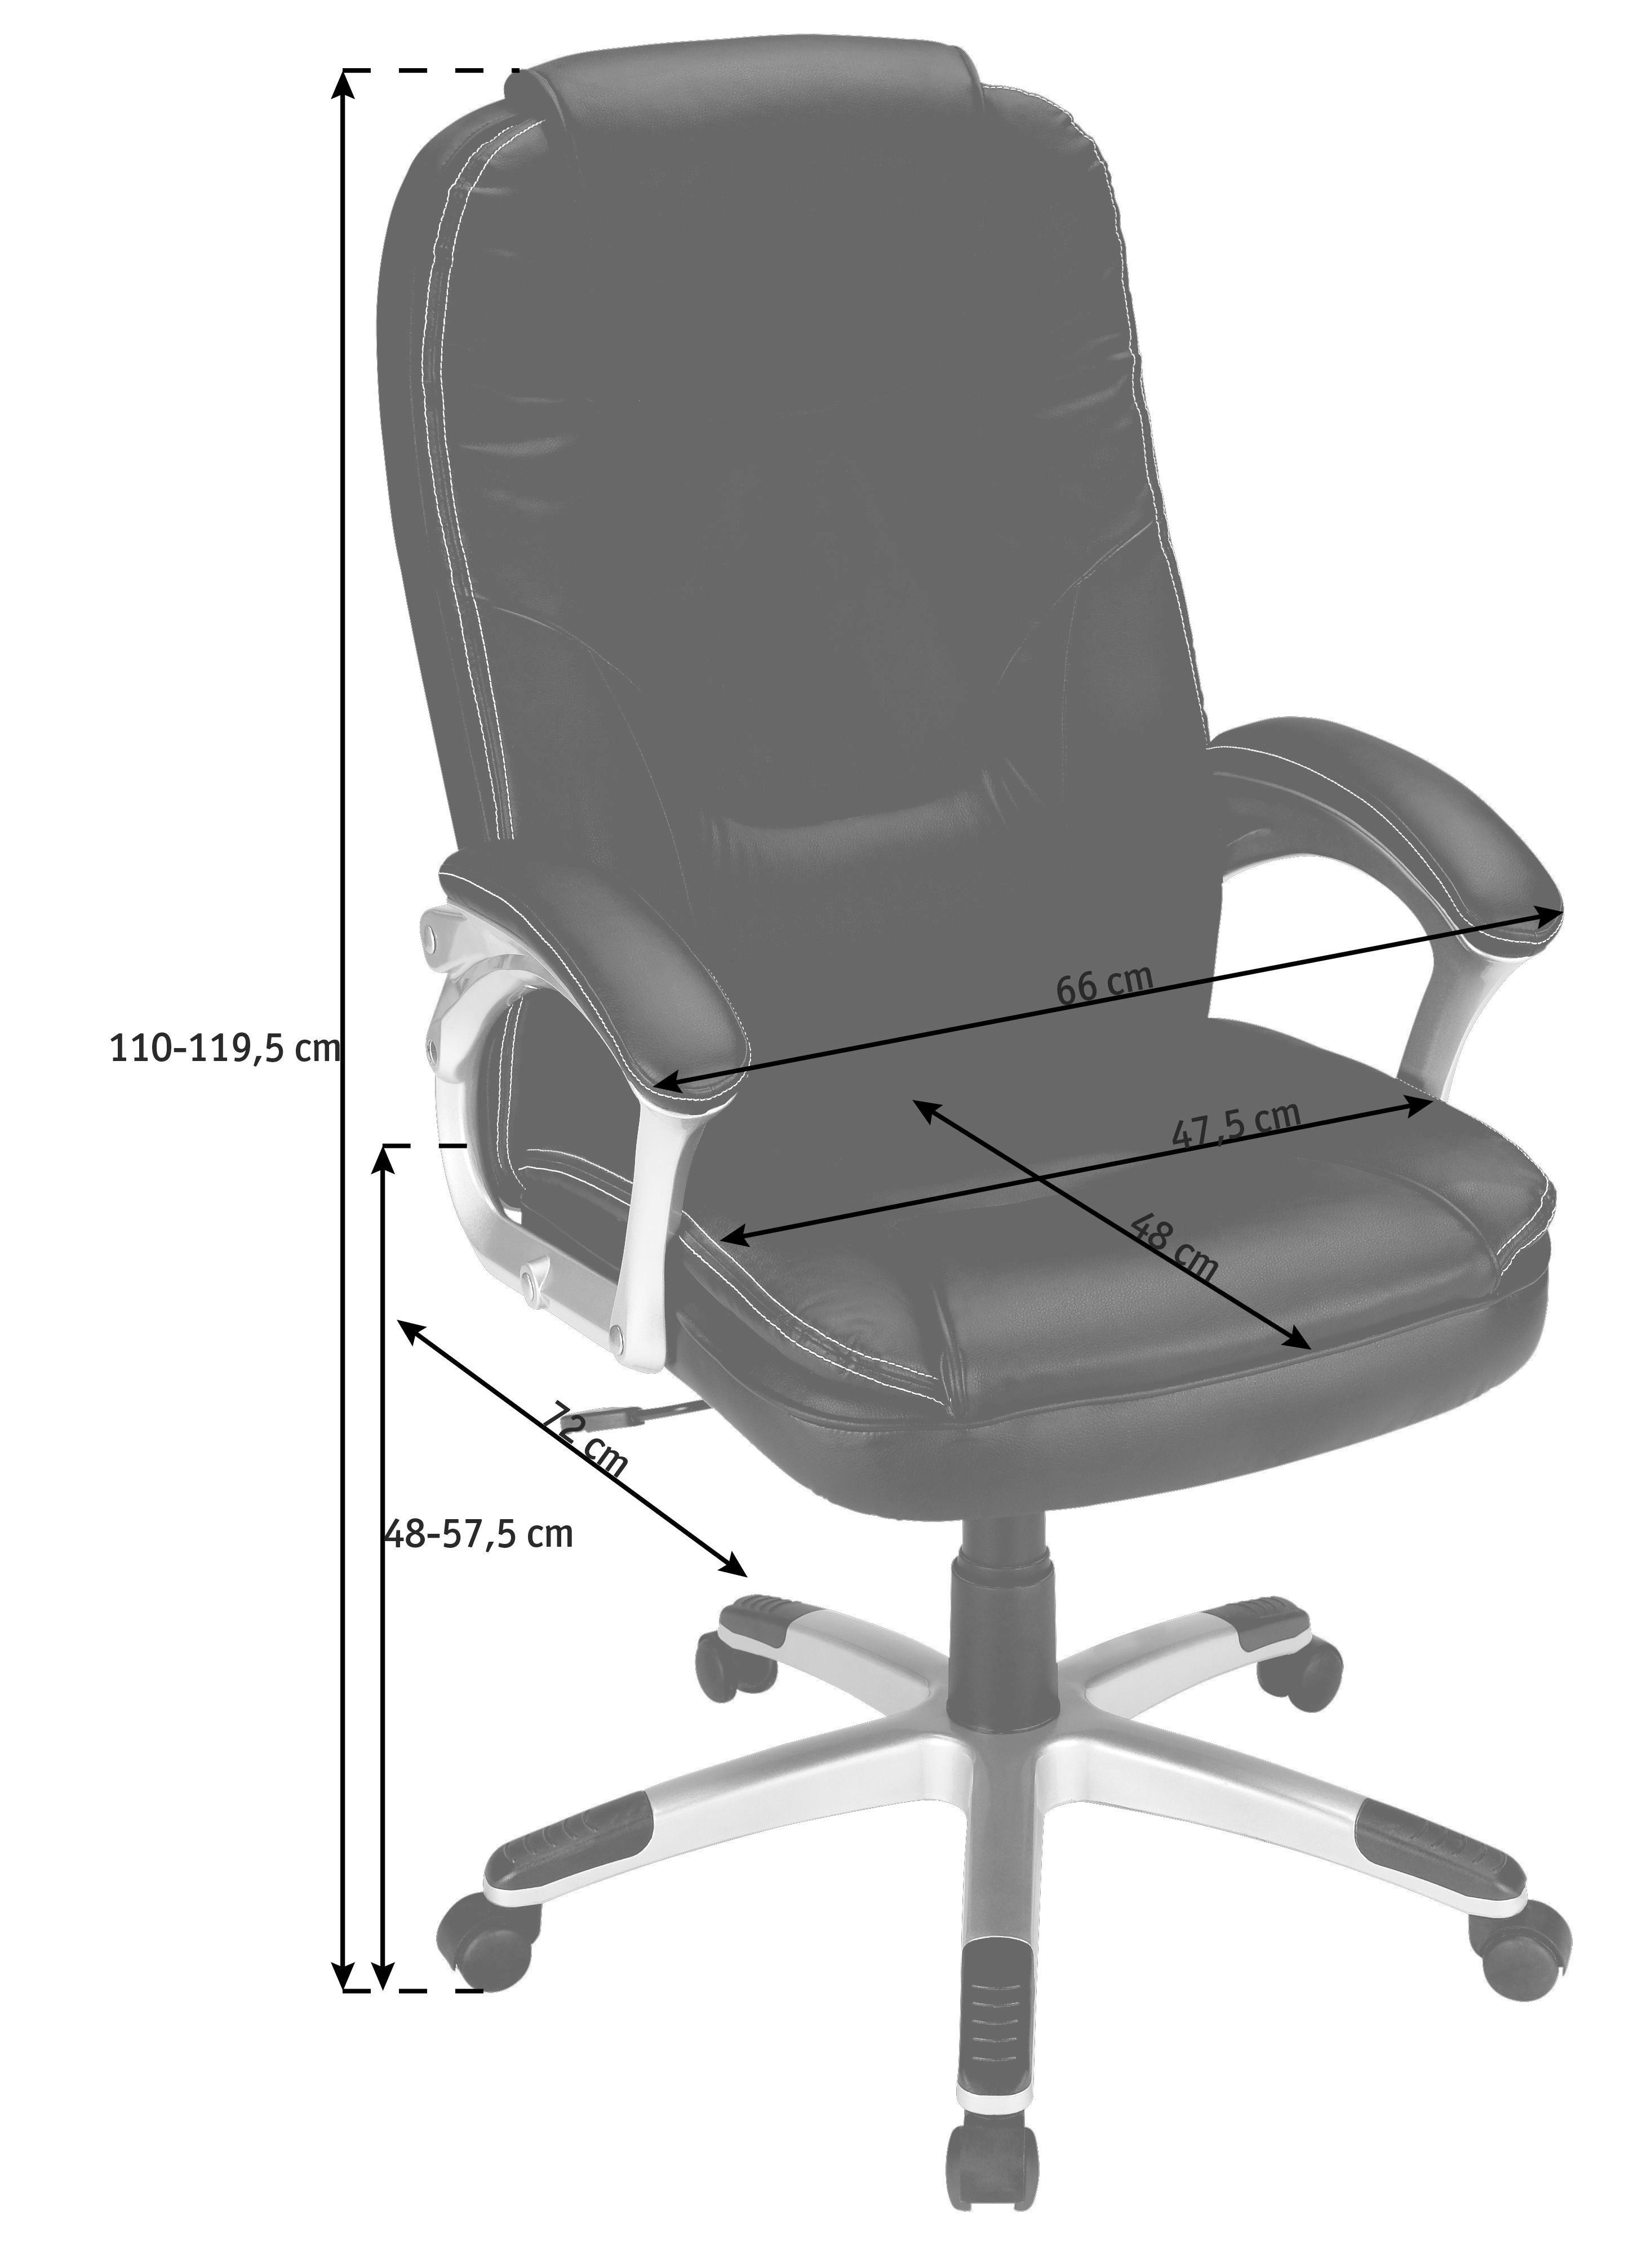 CHEFSESSEL Lederlook Schwarz - Silberfarben/Schwarz, Basics, Kunststoff/Textil (66/110-118/72cm) - XORA